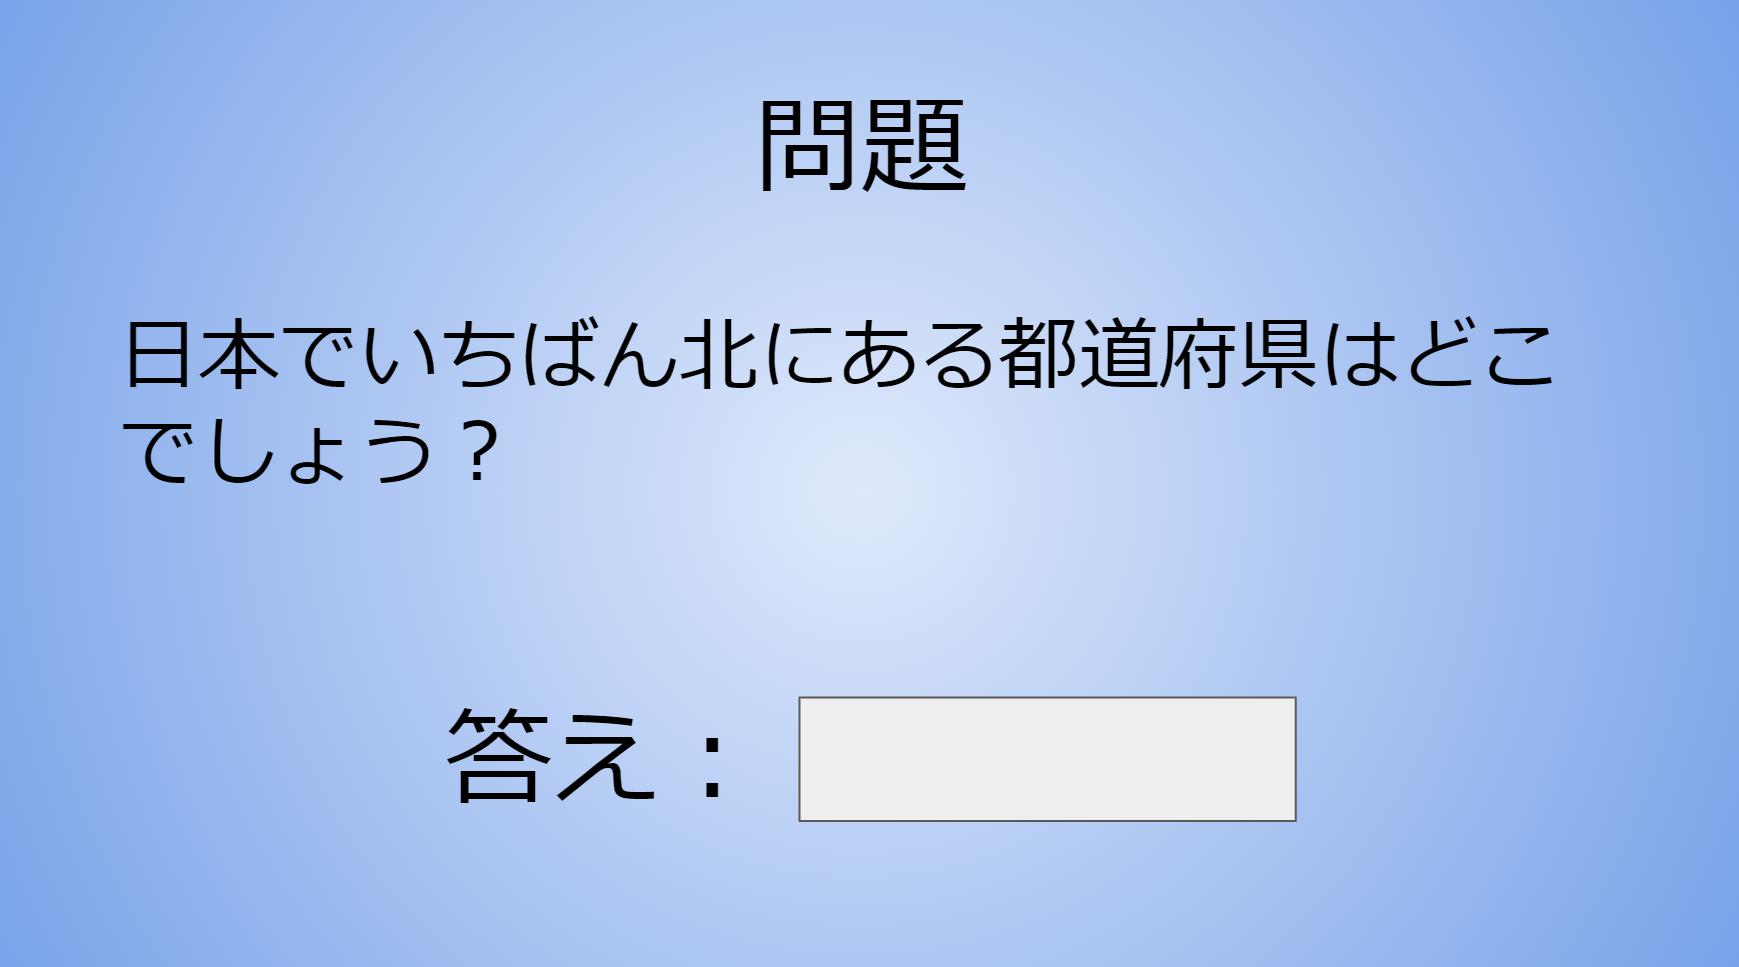 f:id:accs2014:20210714034747p:plain:right:w550